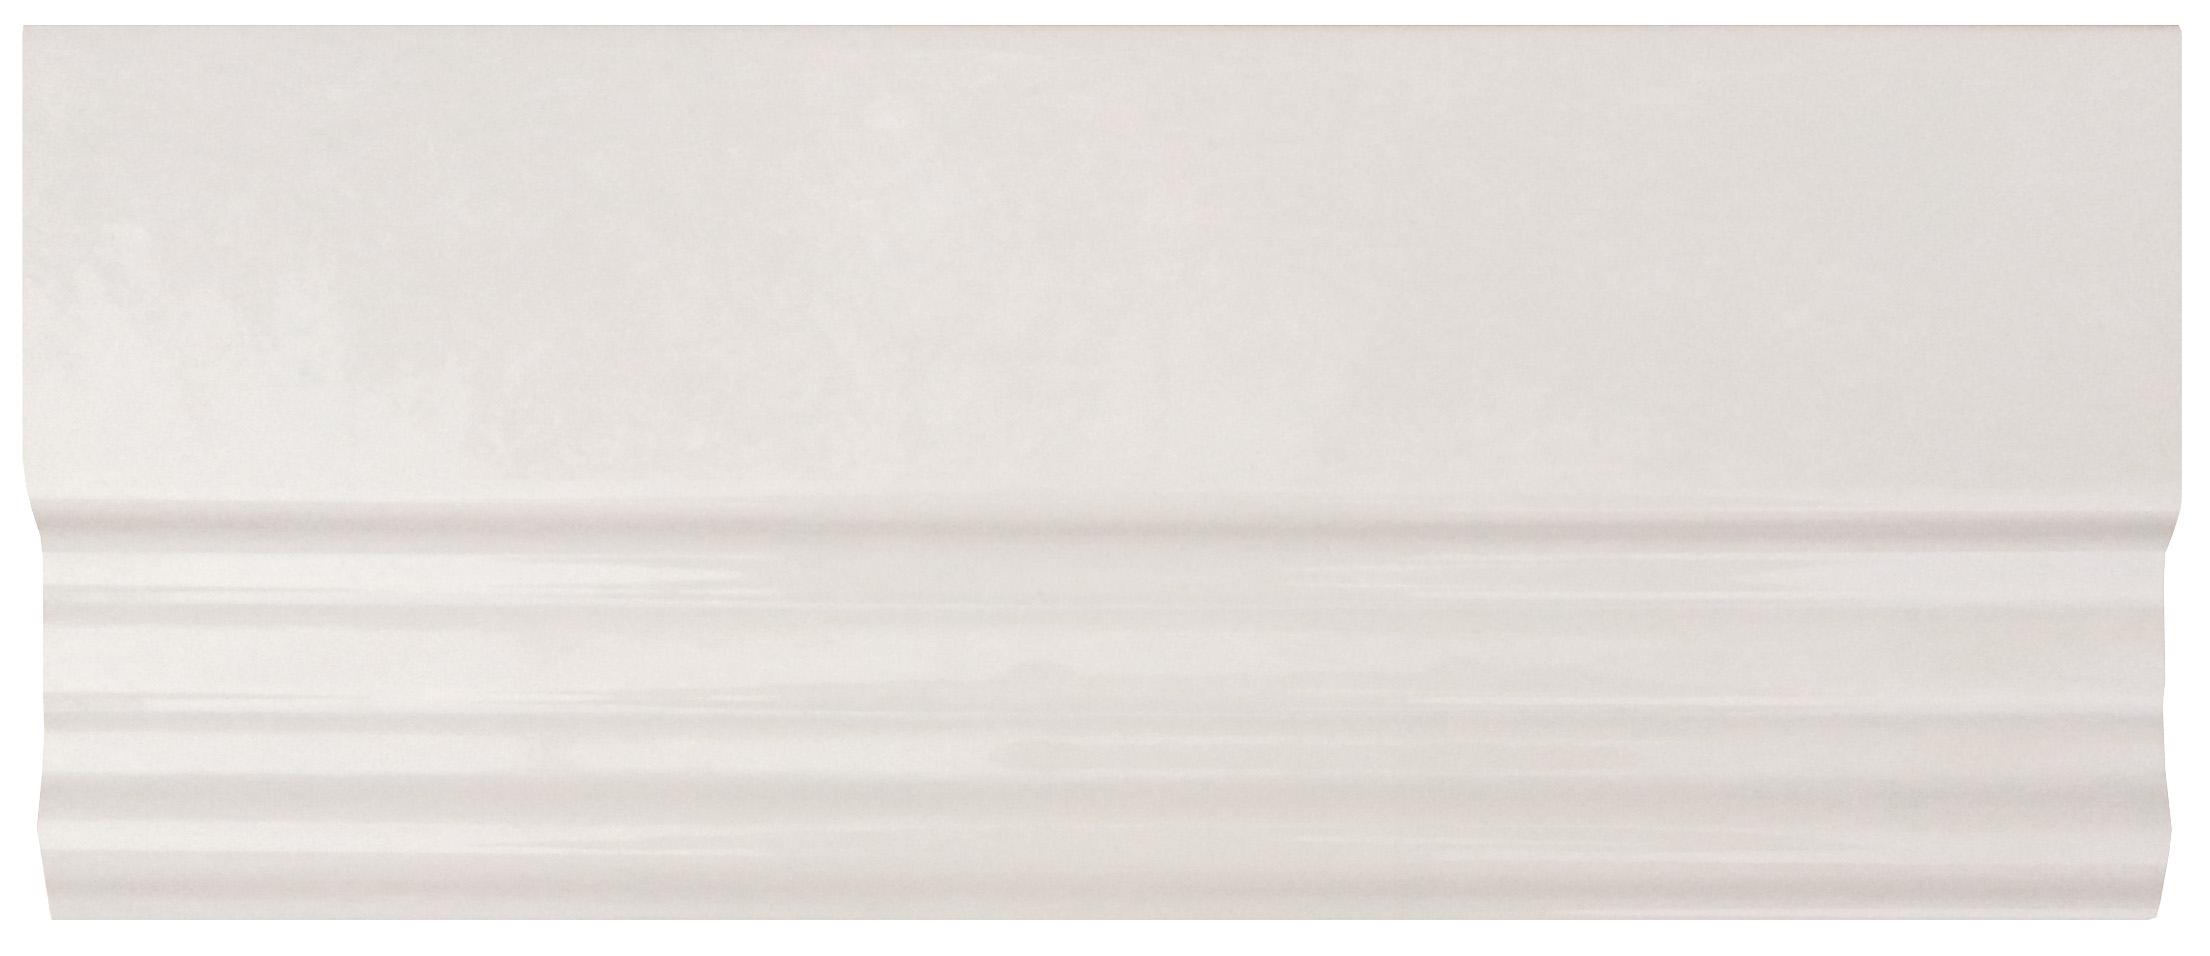 Бордюр FAP Ceramiche Manhattan +14243 White Alzata бордюр impronta ceramiche white experience wall statuario bordo 5x96 2